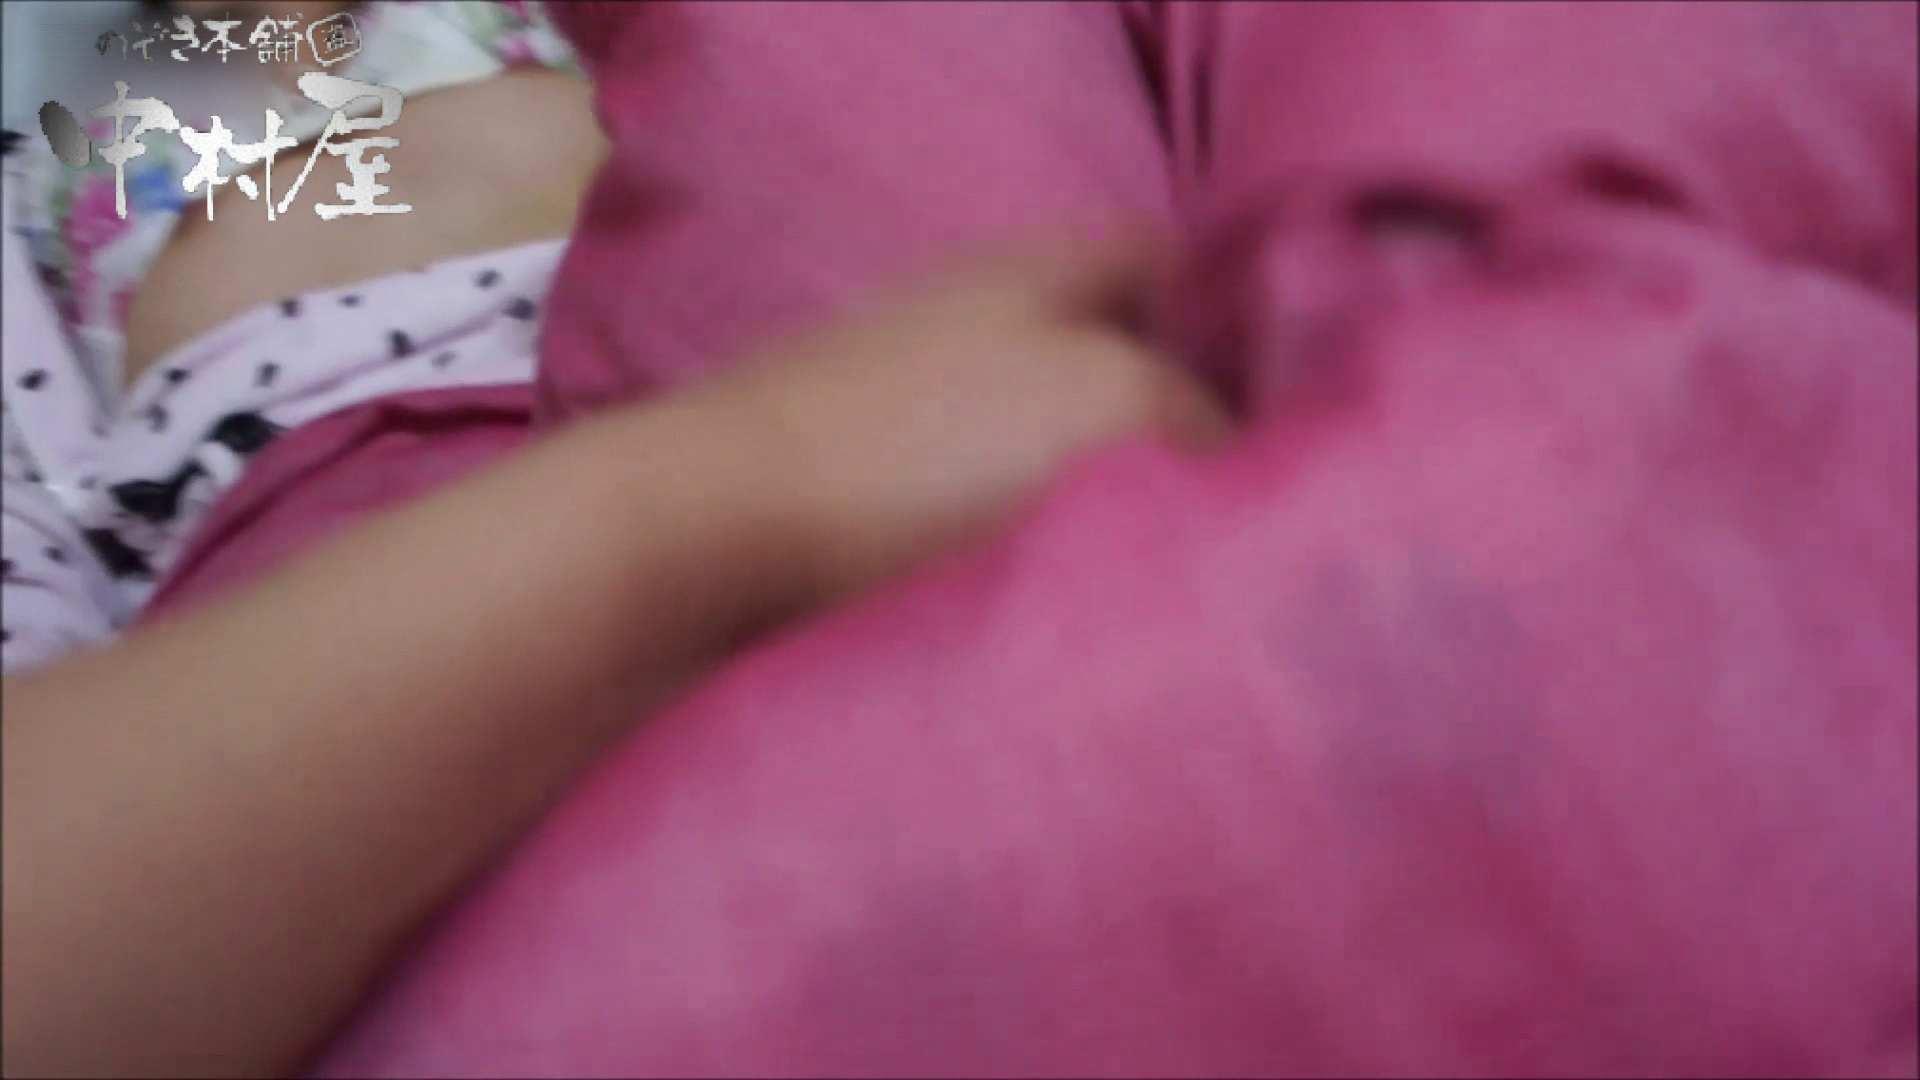 わが愛しき女良達よFile.105 【未公開】3人一緒に・・・【ユリナ編】 マンコ・ムレムレ SEX無修正画像 82pic 73